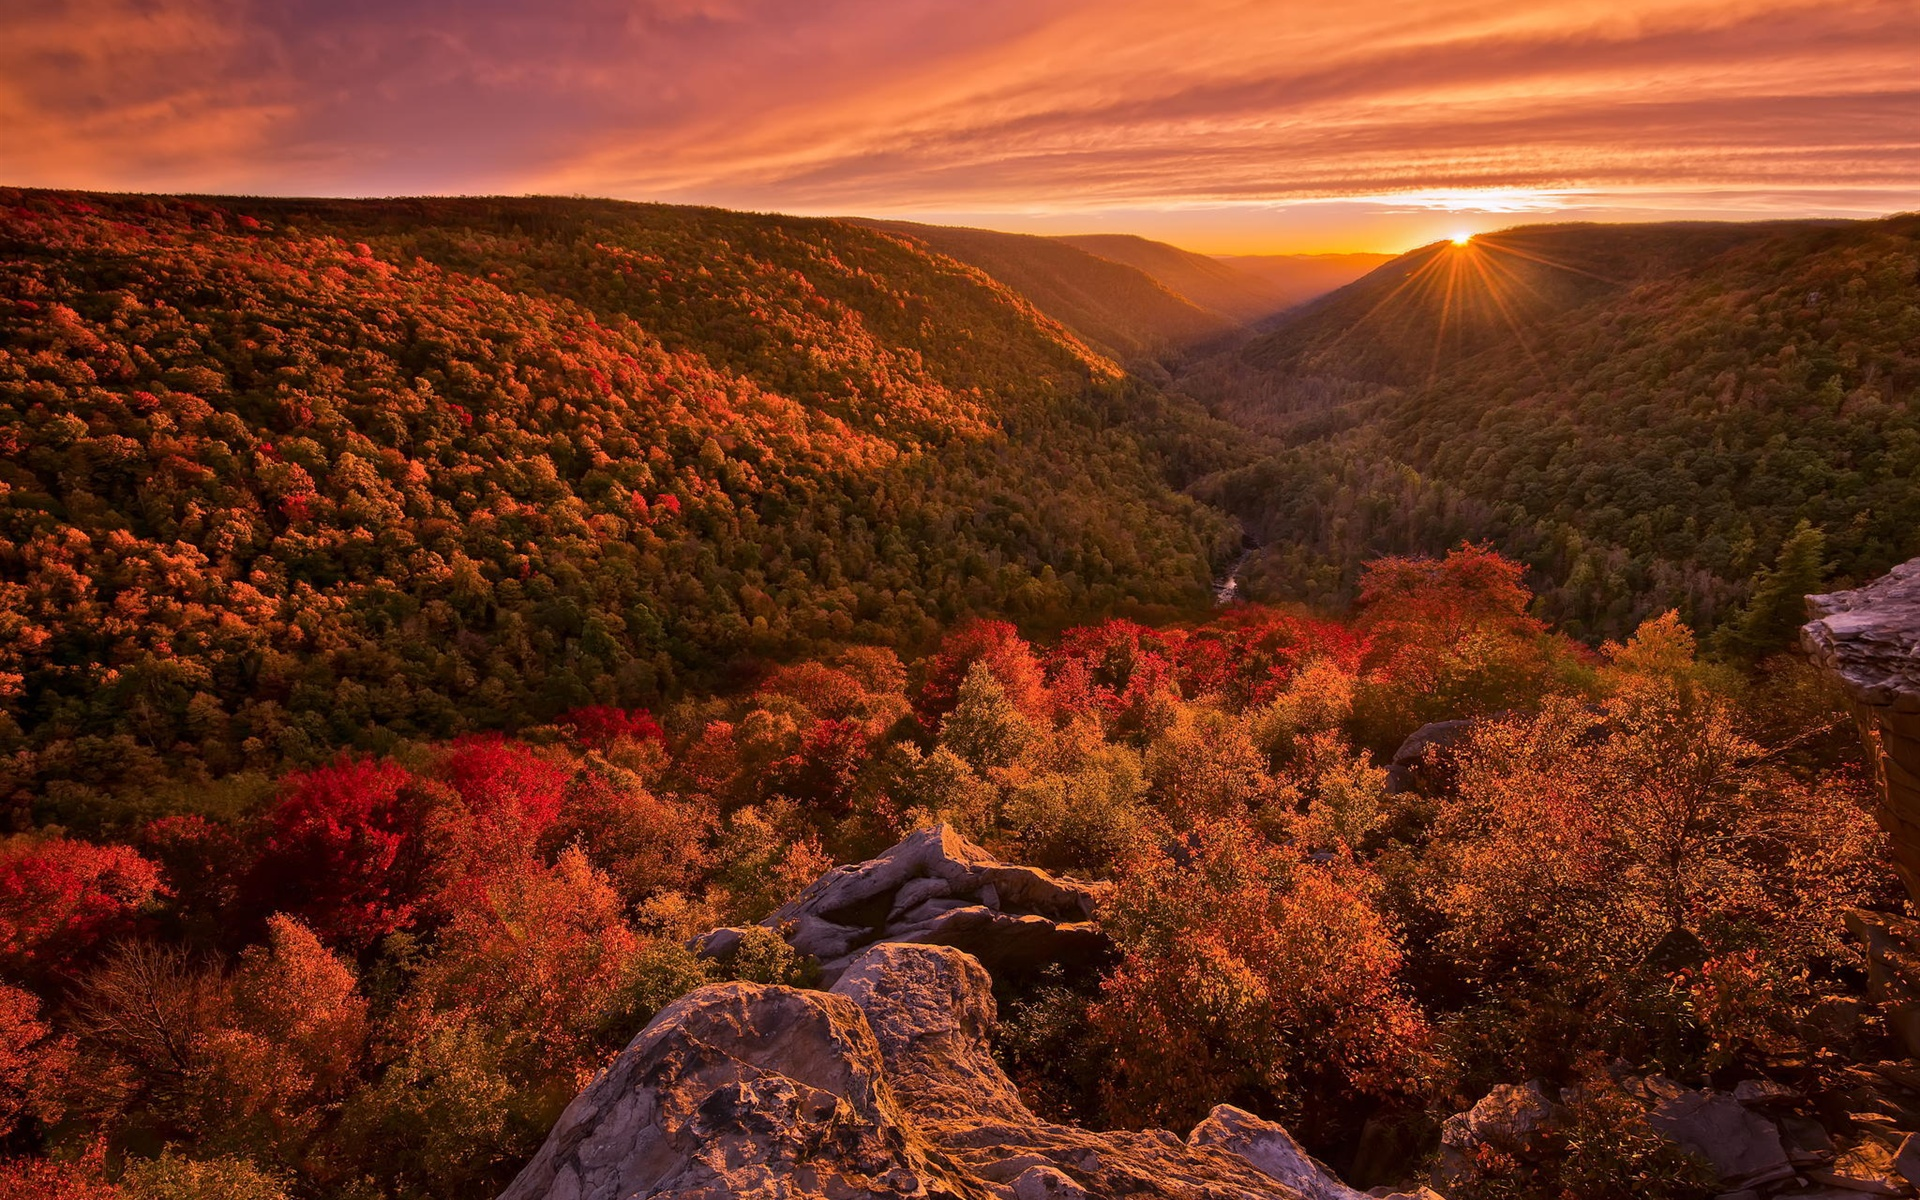 foto de Fonds d'écran Beau paysage d'automne, montagne, forêt, coucher de ...